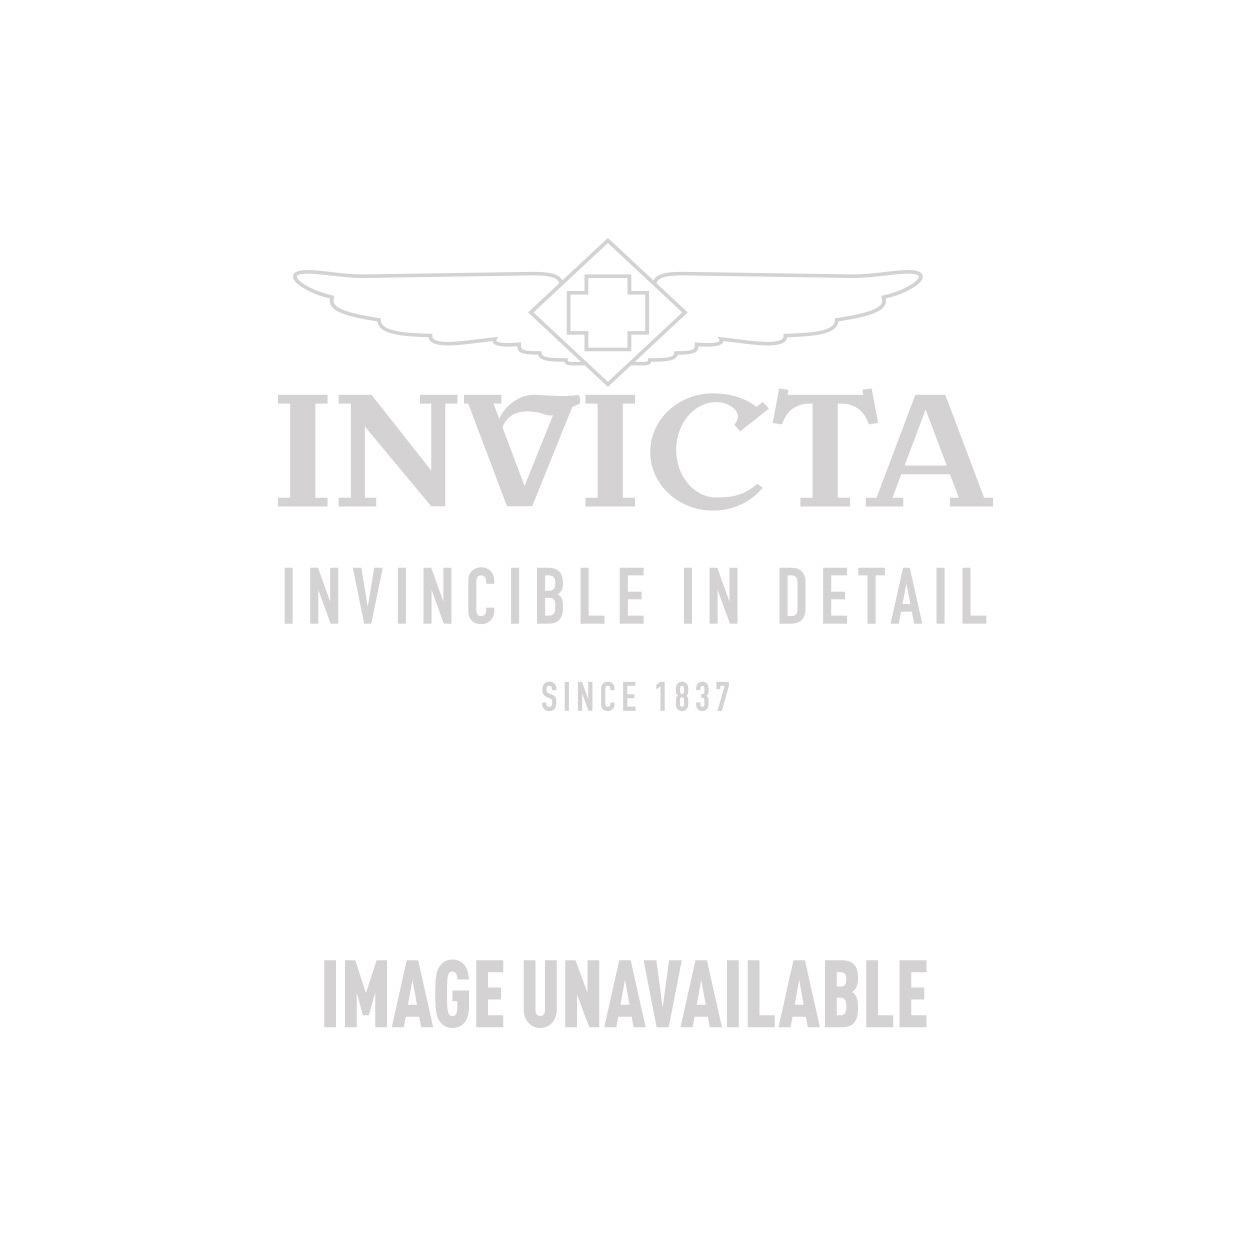 Invicta Model 28217